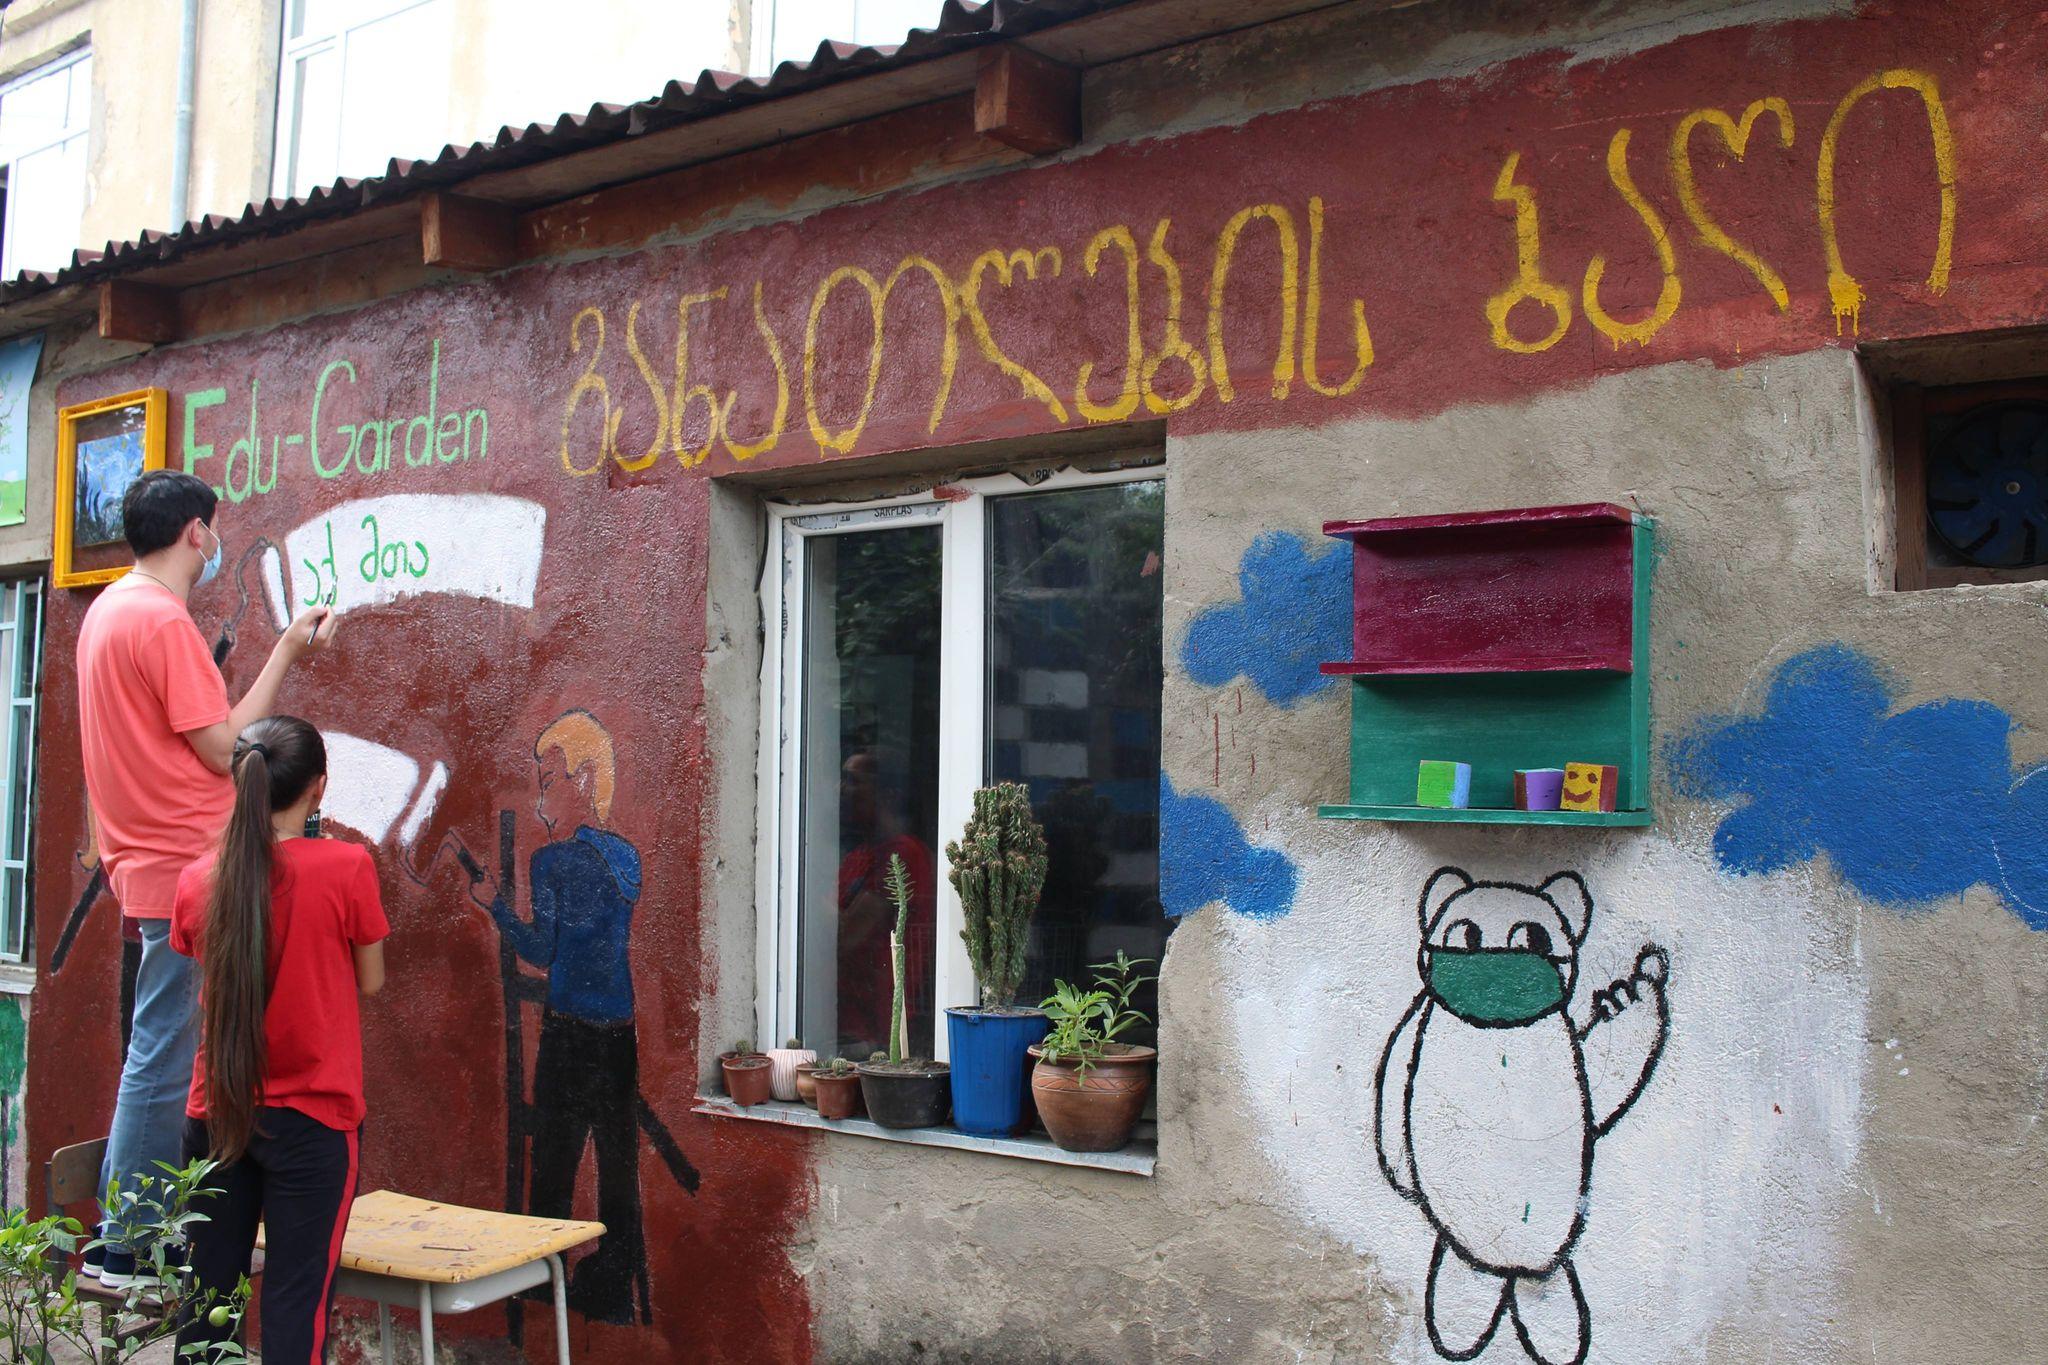 განათლების ბაღი (Edu Garden) – ახალი სივრცე სკოლაში